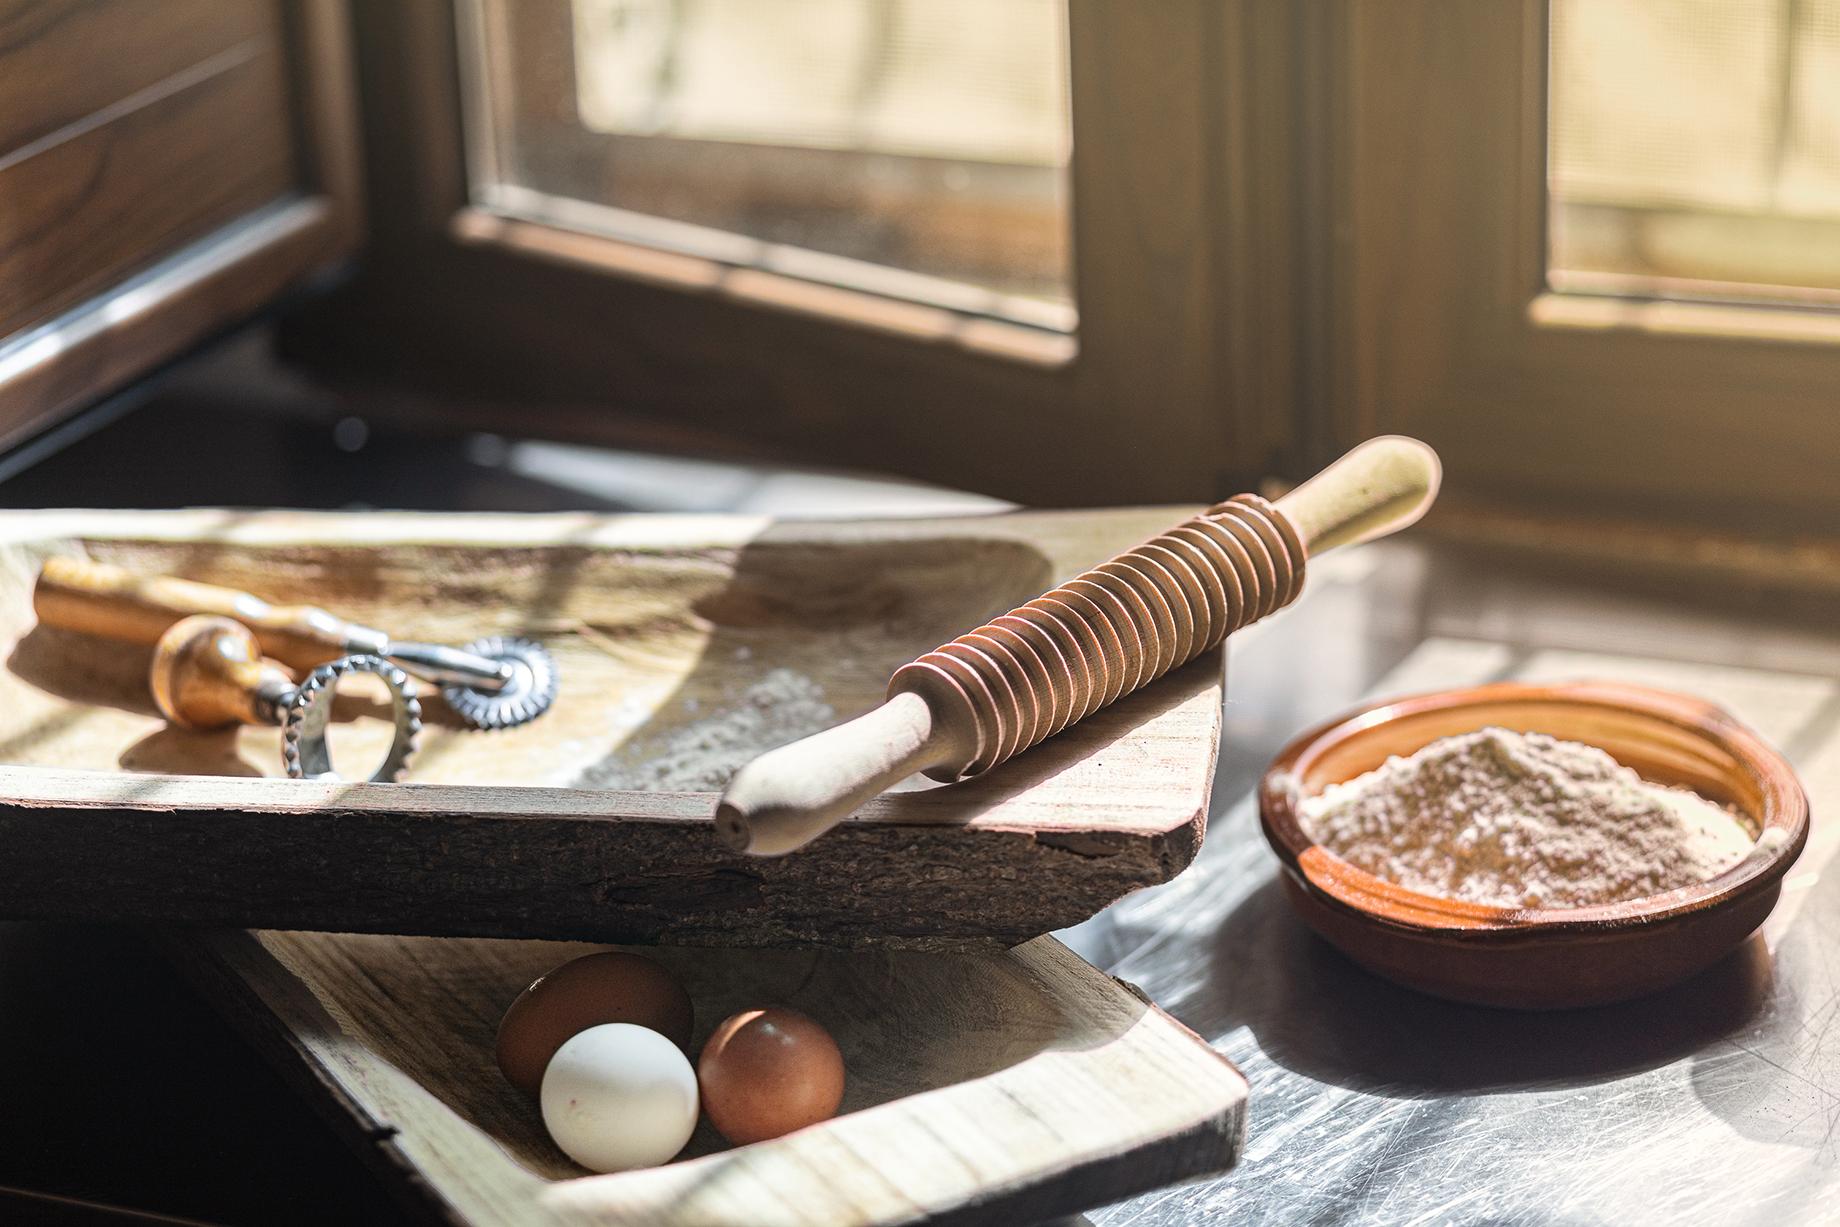 Pasta making workshop shot by Alberto Bernasconi for Enjoy magazine